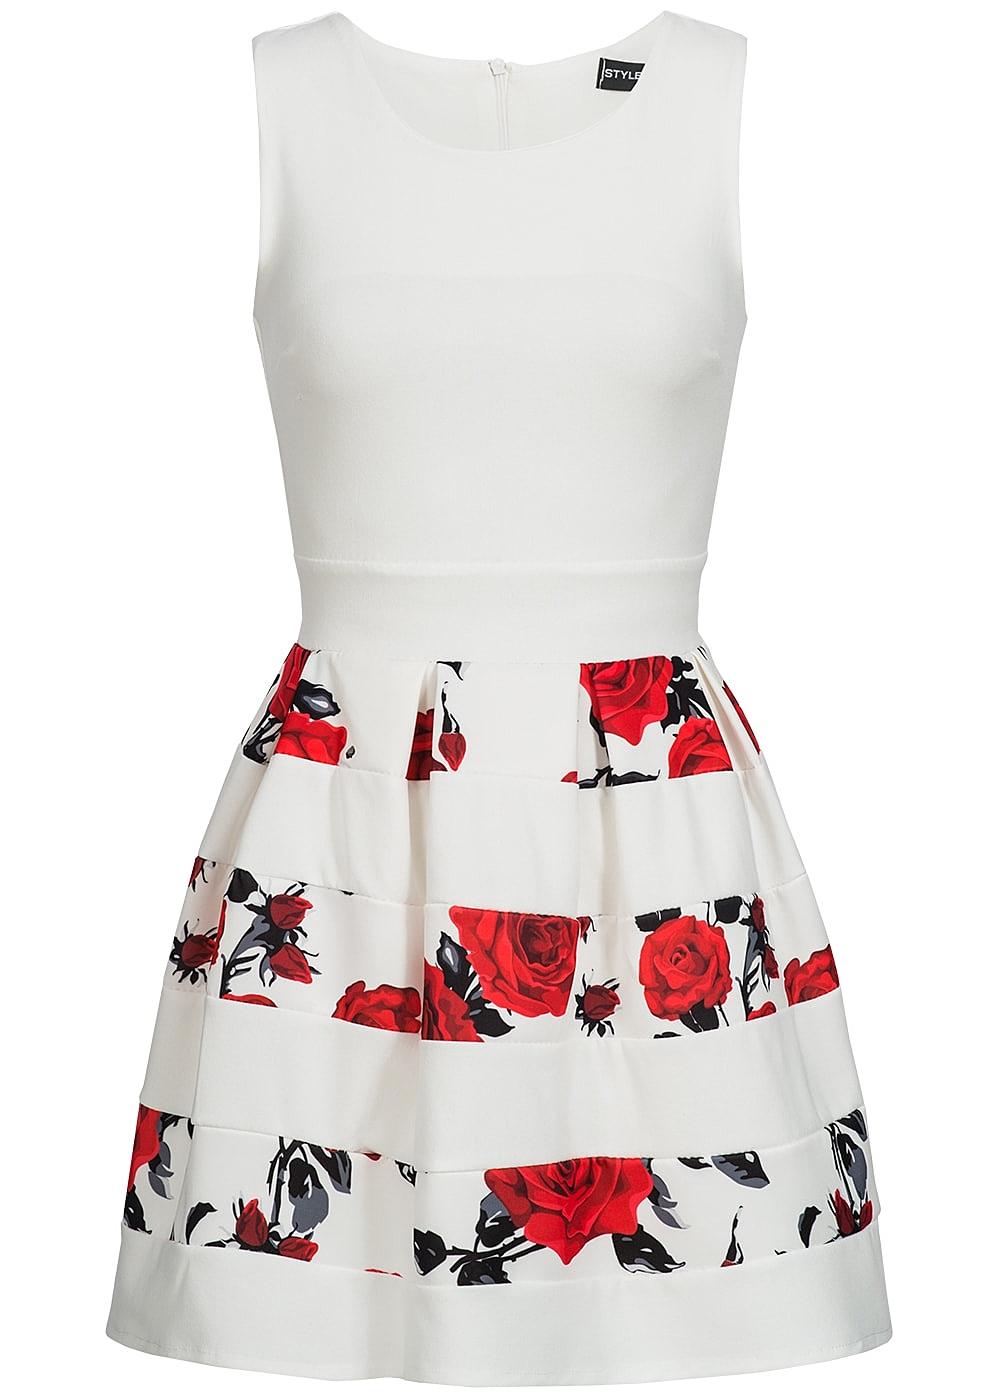 styleboom fashion damen kleid blumen muster gestreift weiss rot schwarz 77onlineshop. Black Bedroom Furniture Sets. Home Design Ideas